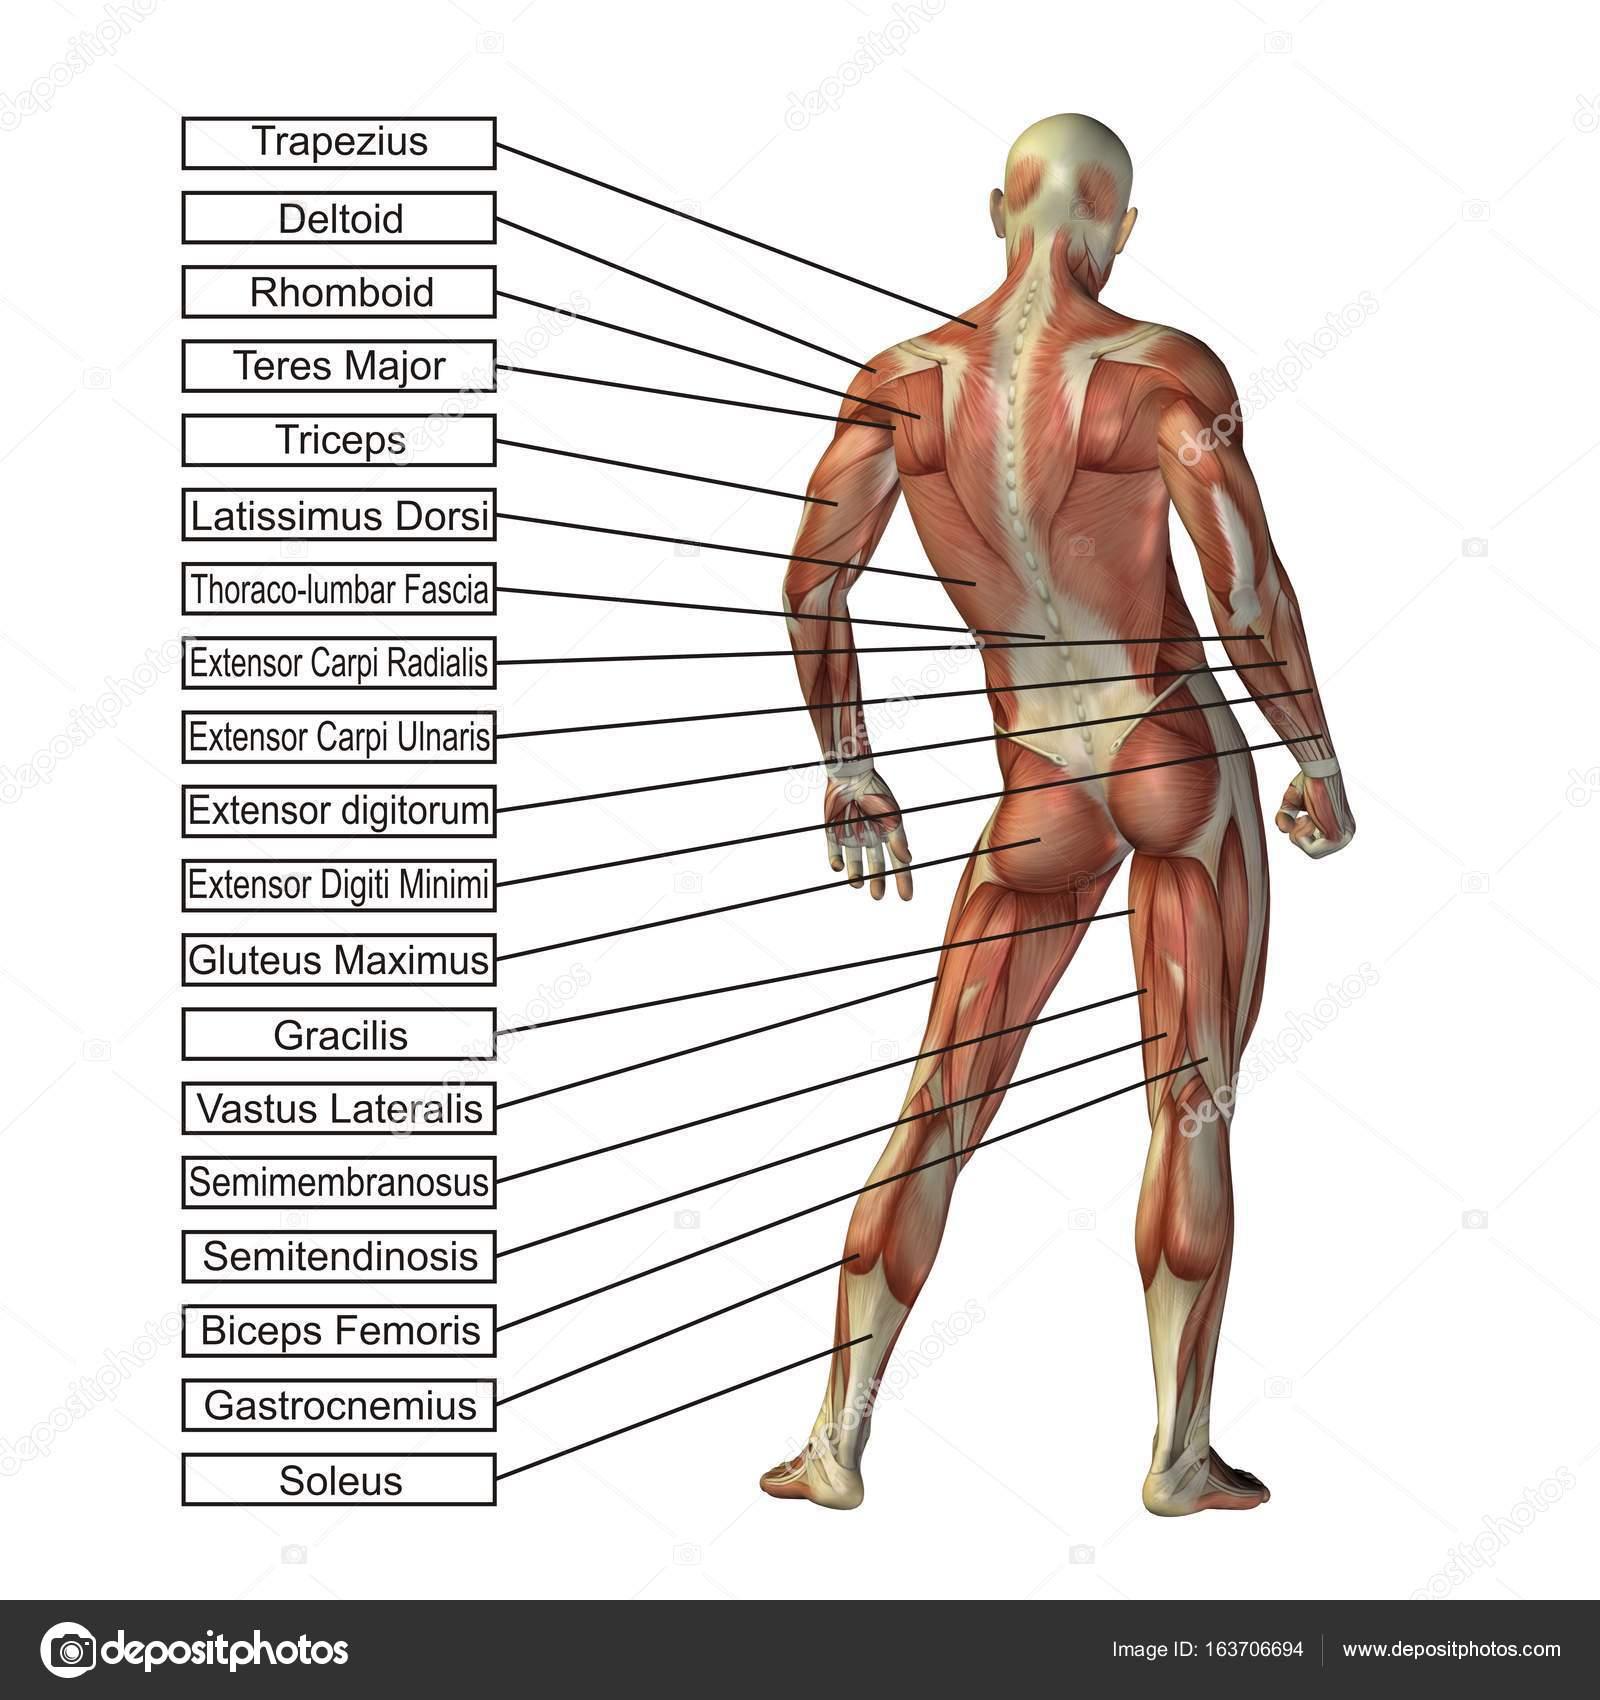 3D Abbildung des menschlichen Körpers — Stockfoto © design36 #163706694